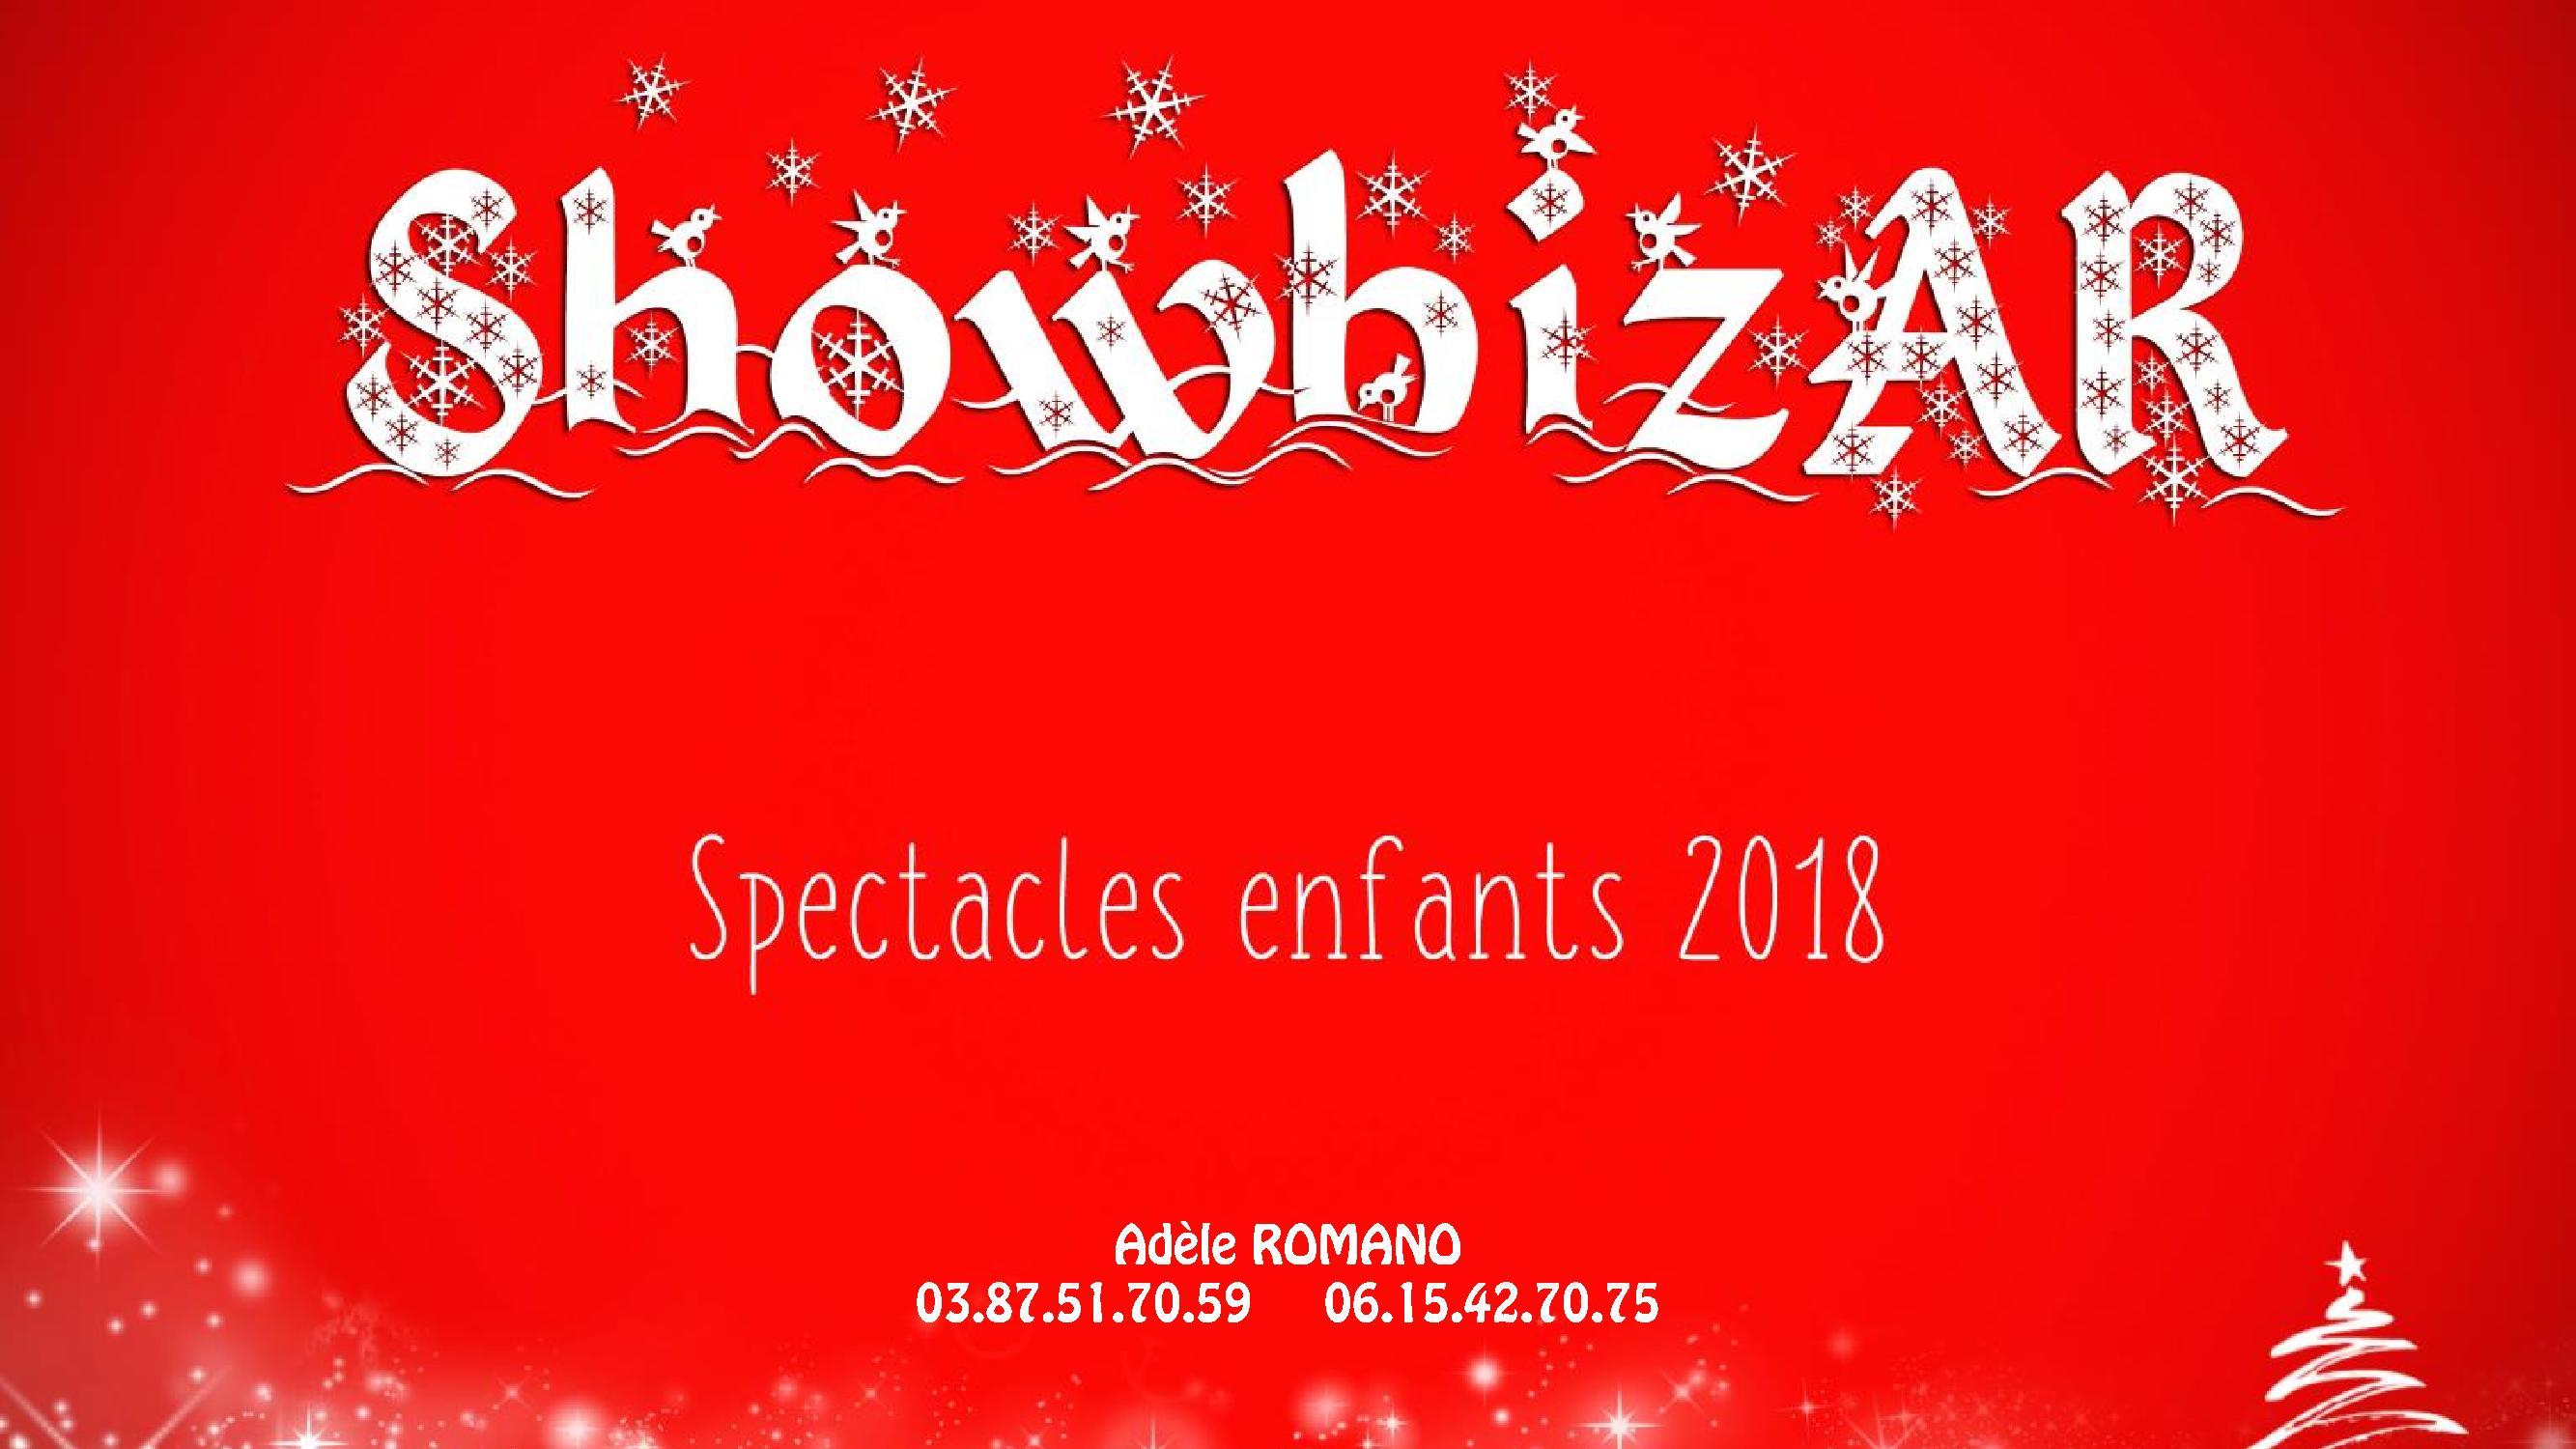 Catalogue Spectacles pour enfants ShowBizAR